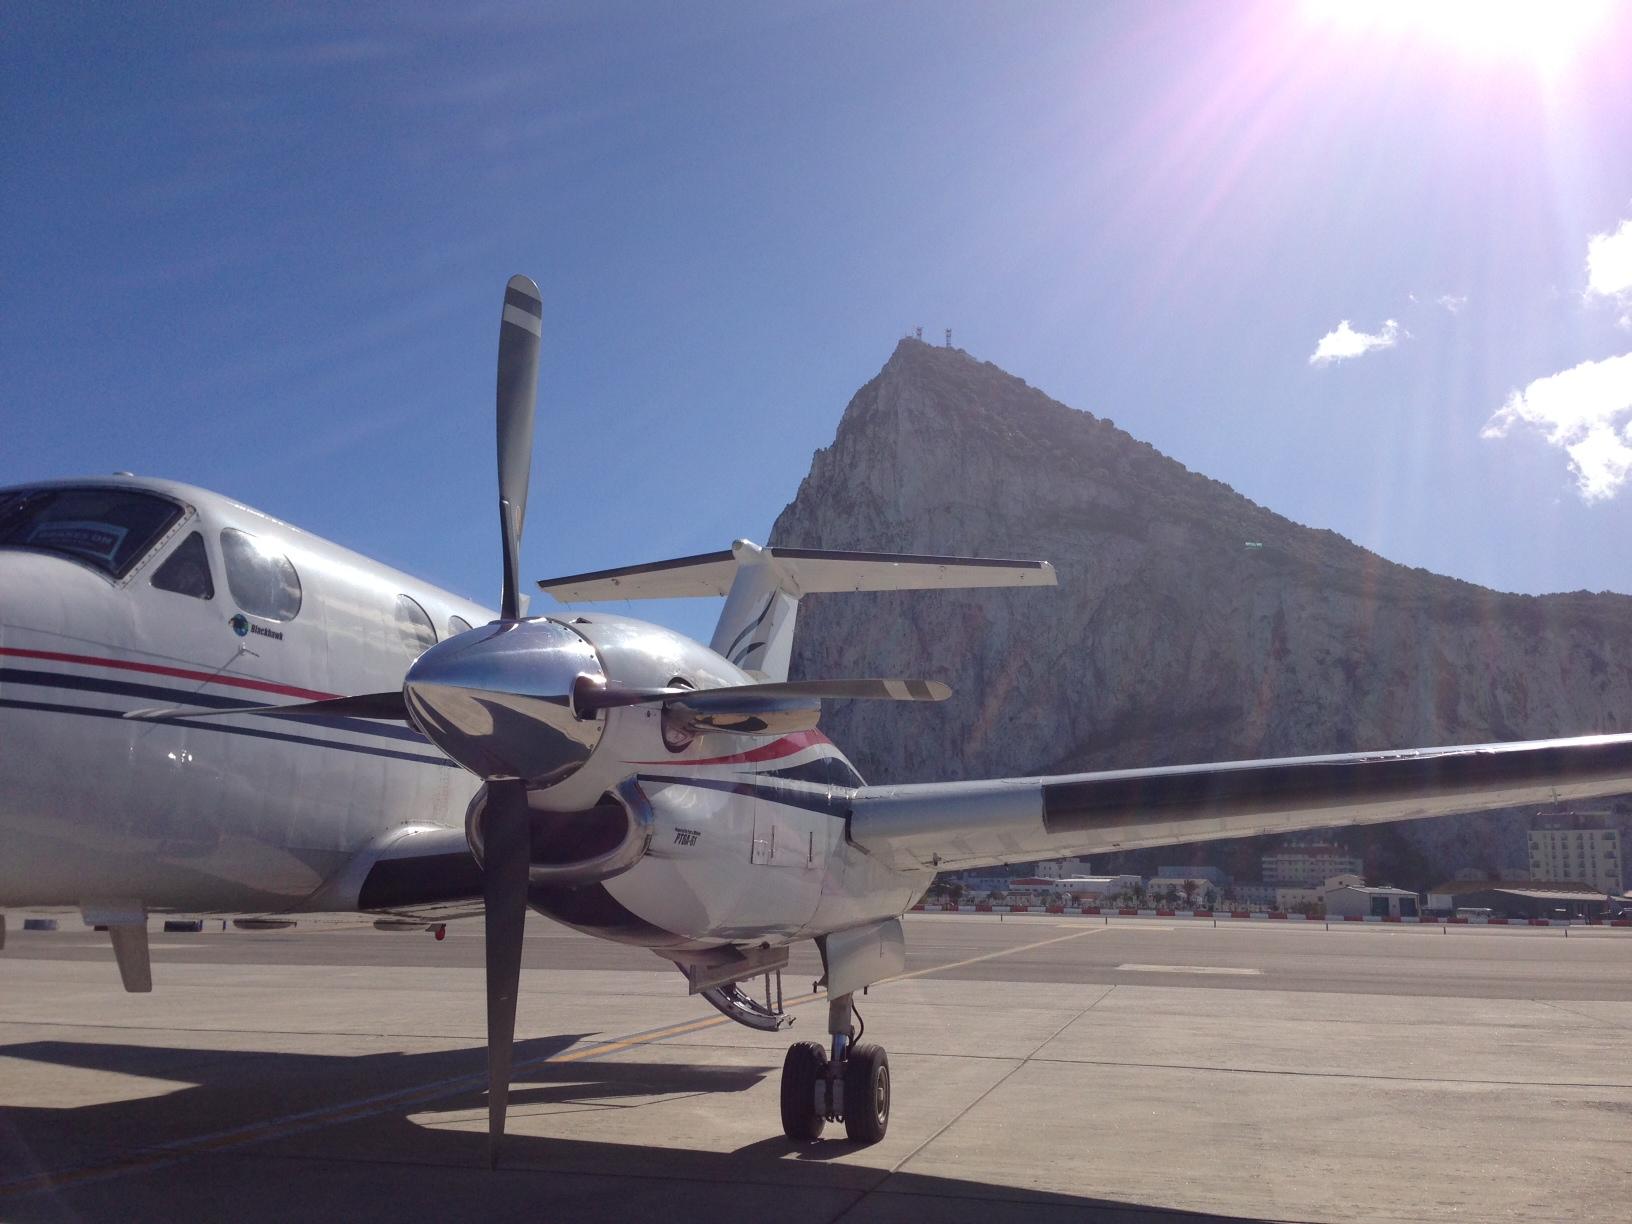 King Air 200 G-BVMA